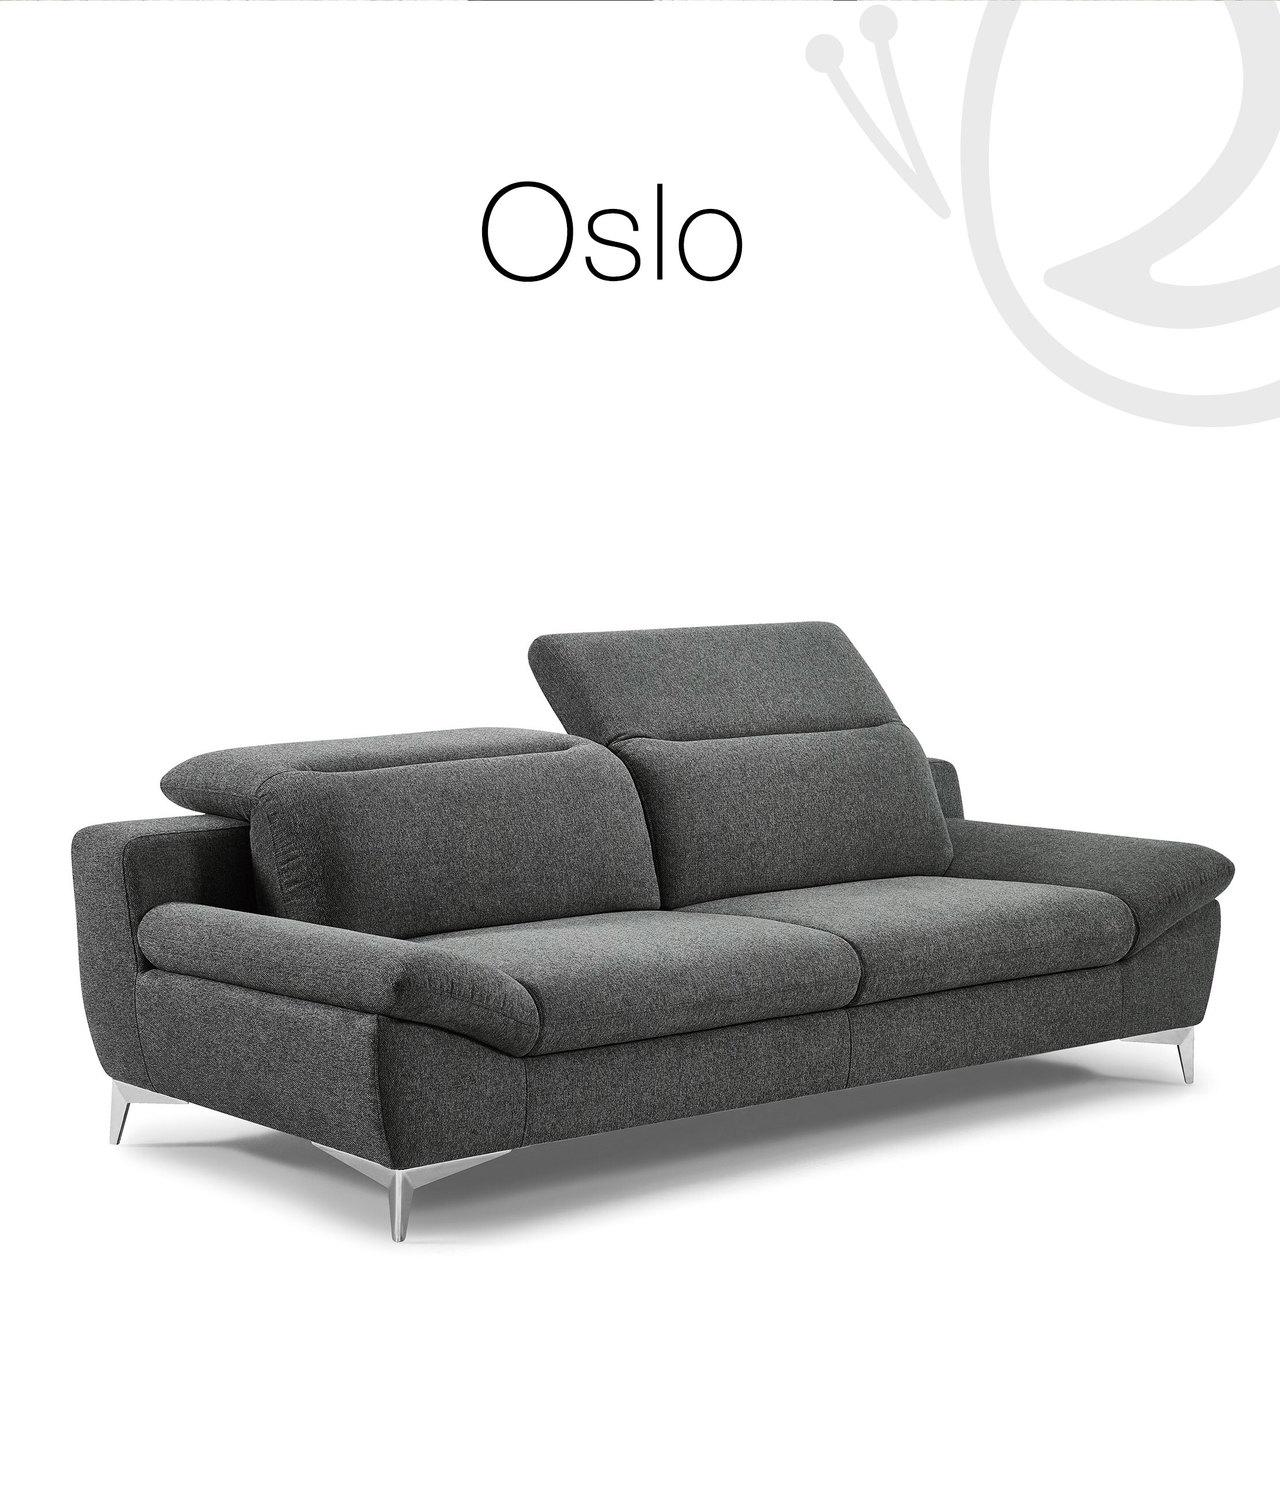 布沙發 Oslo 奧斯陸布沙發 睡眠王國集團